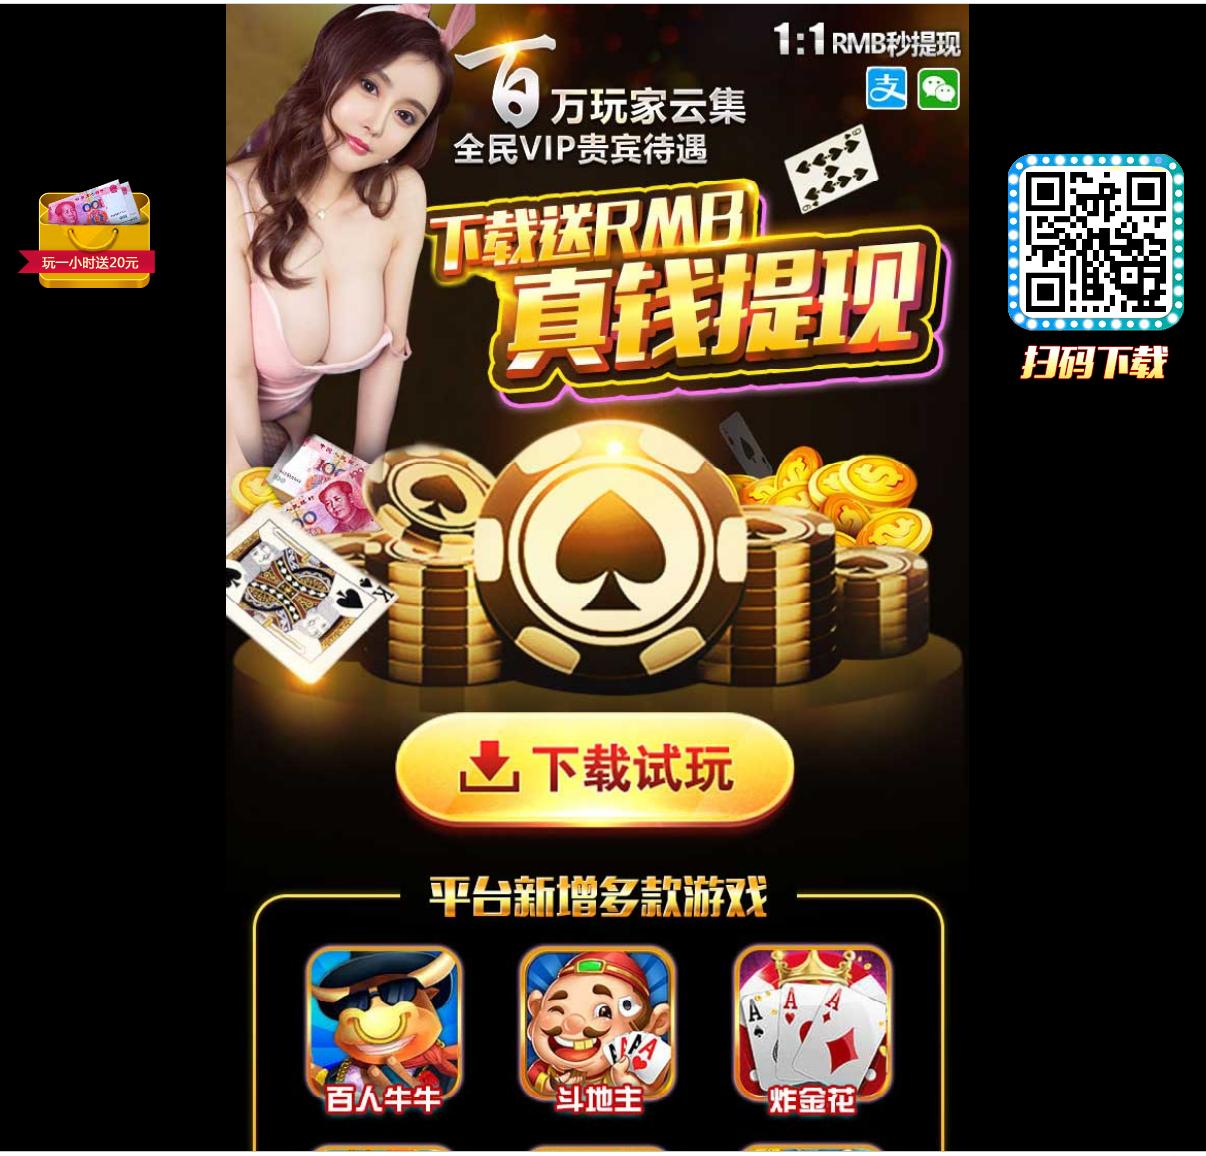 美女红包下载二维码天天棋牌手机下载页插图